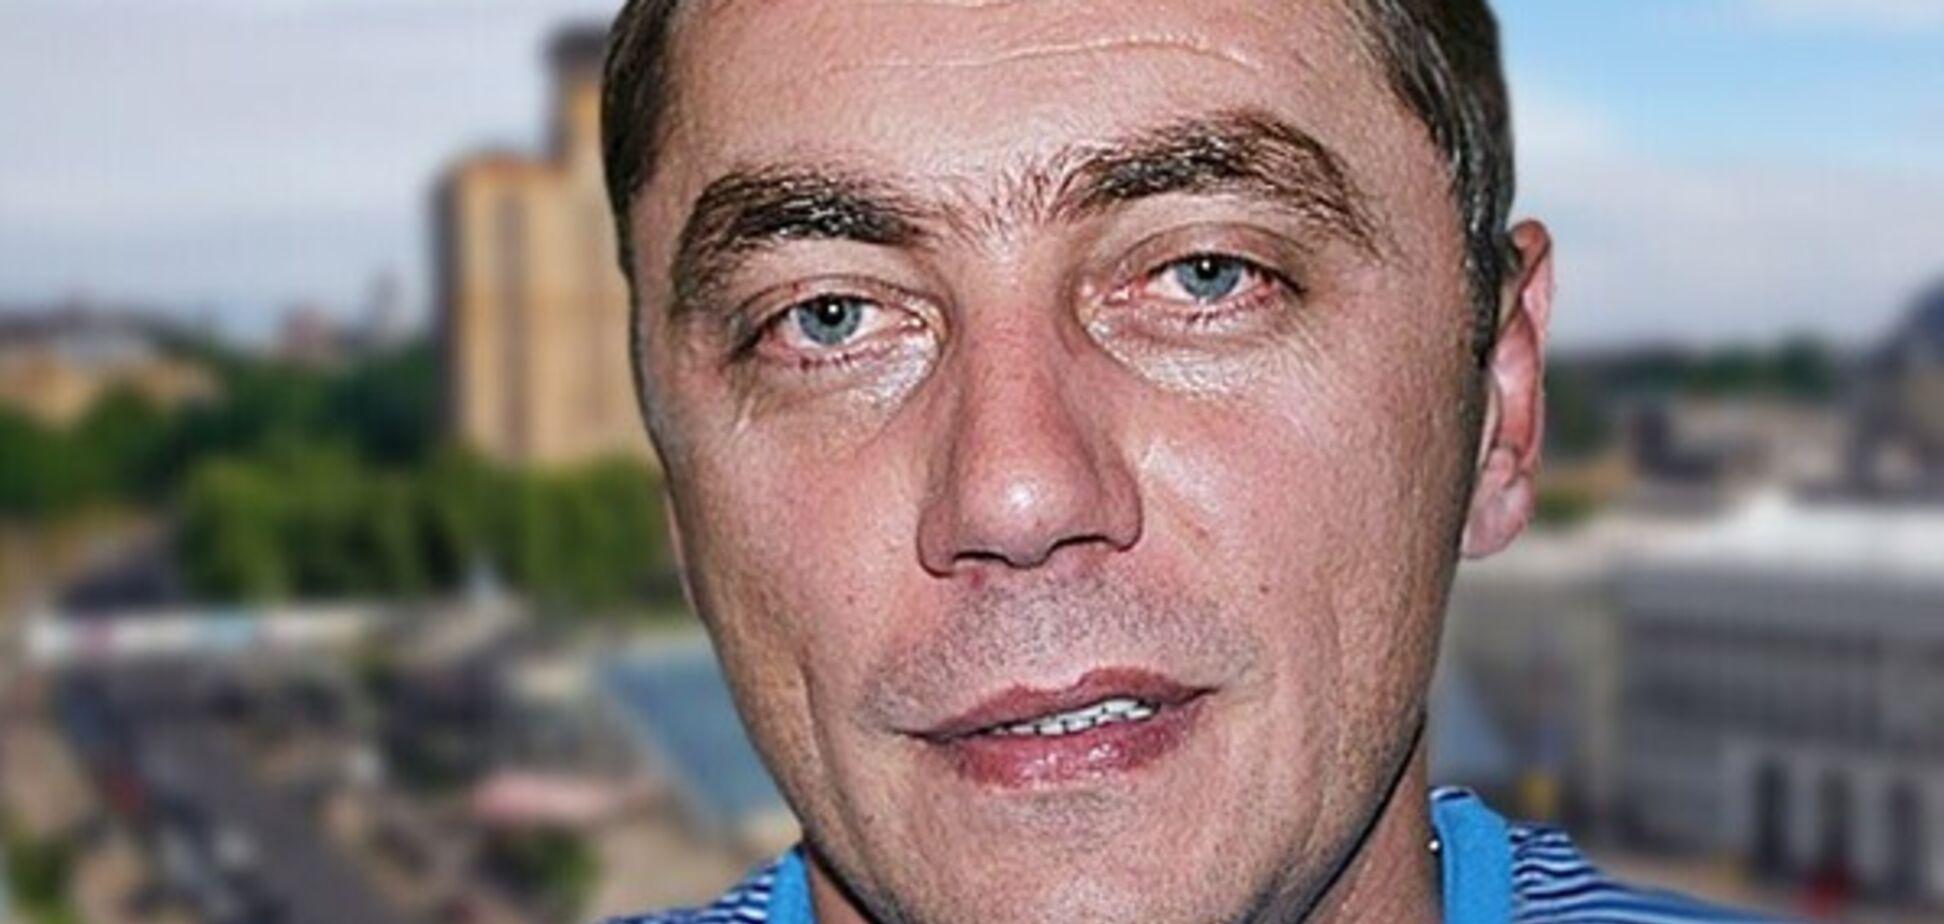 'Сломали челюсть и нос': стало известно, за что в Киеве раскороновали вора в законе